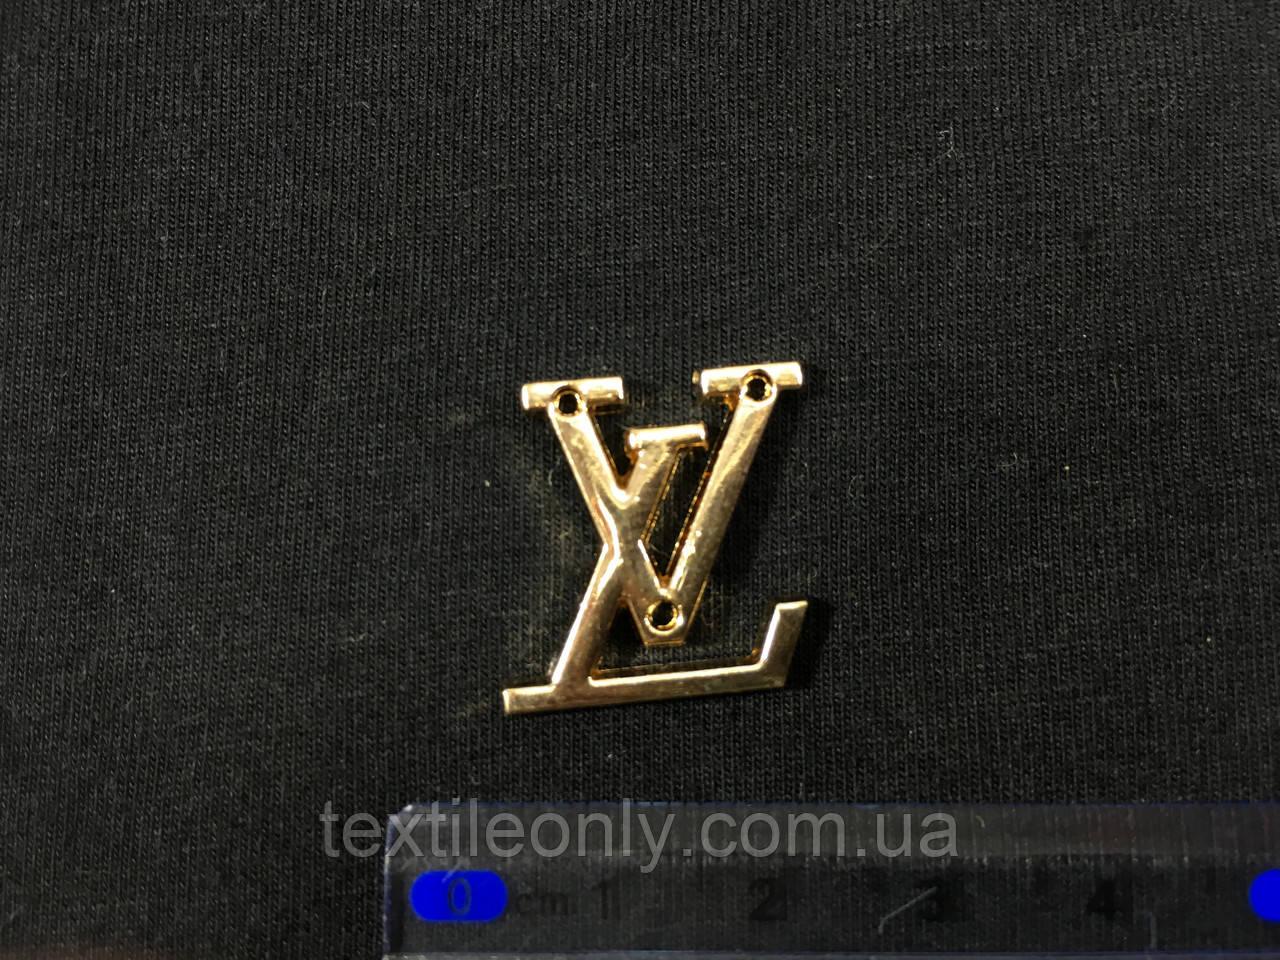 Пришивная металлическая эмблема louis vuitton